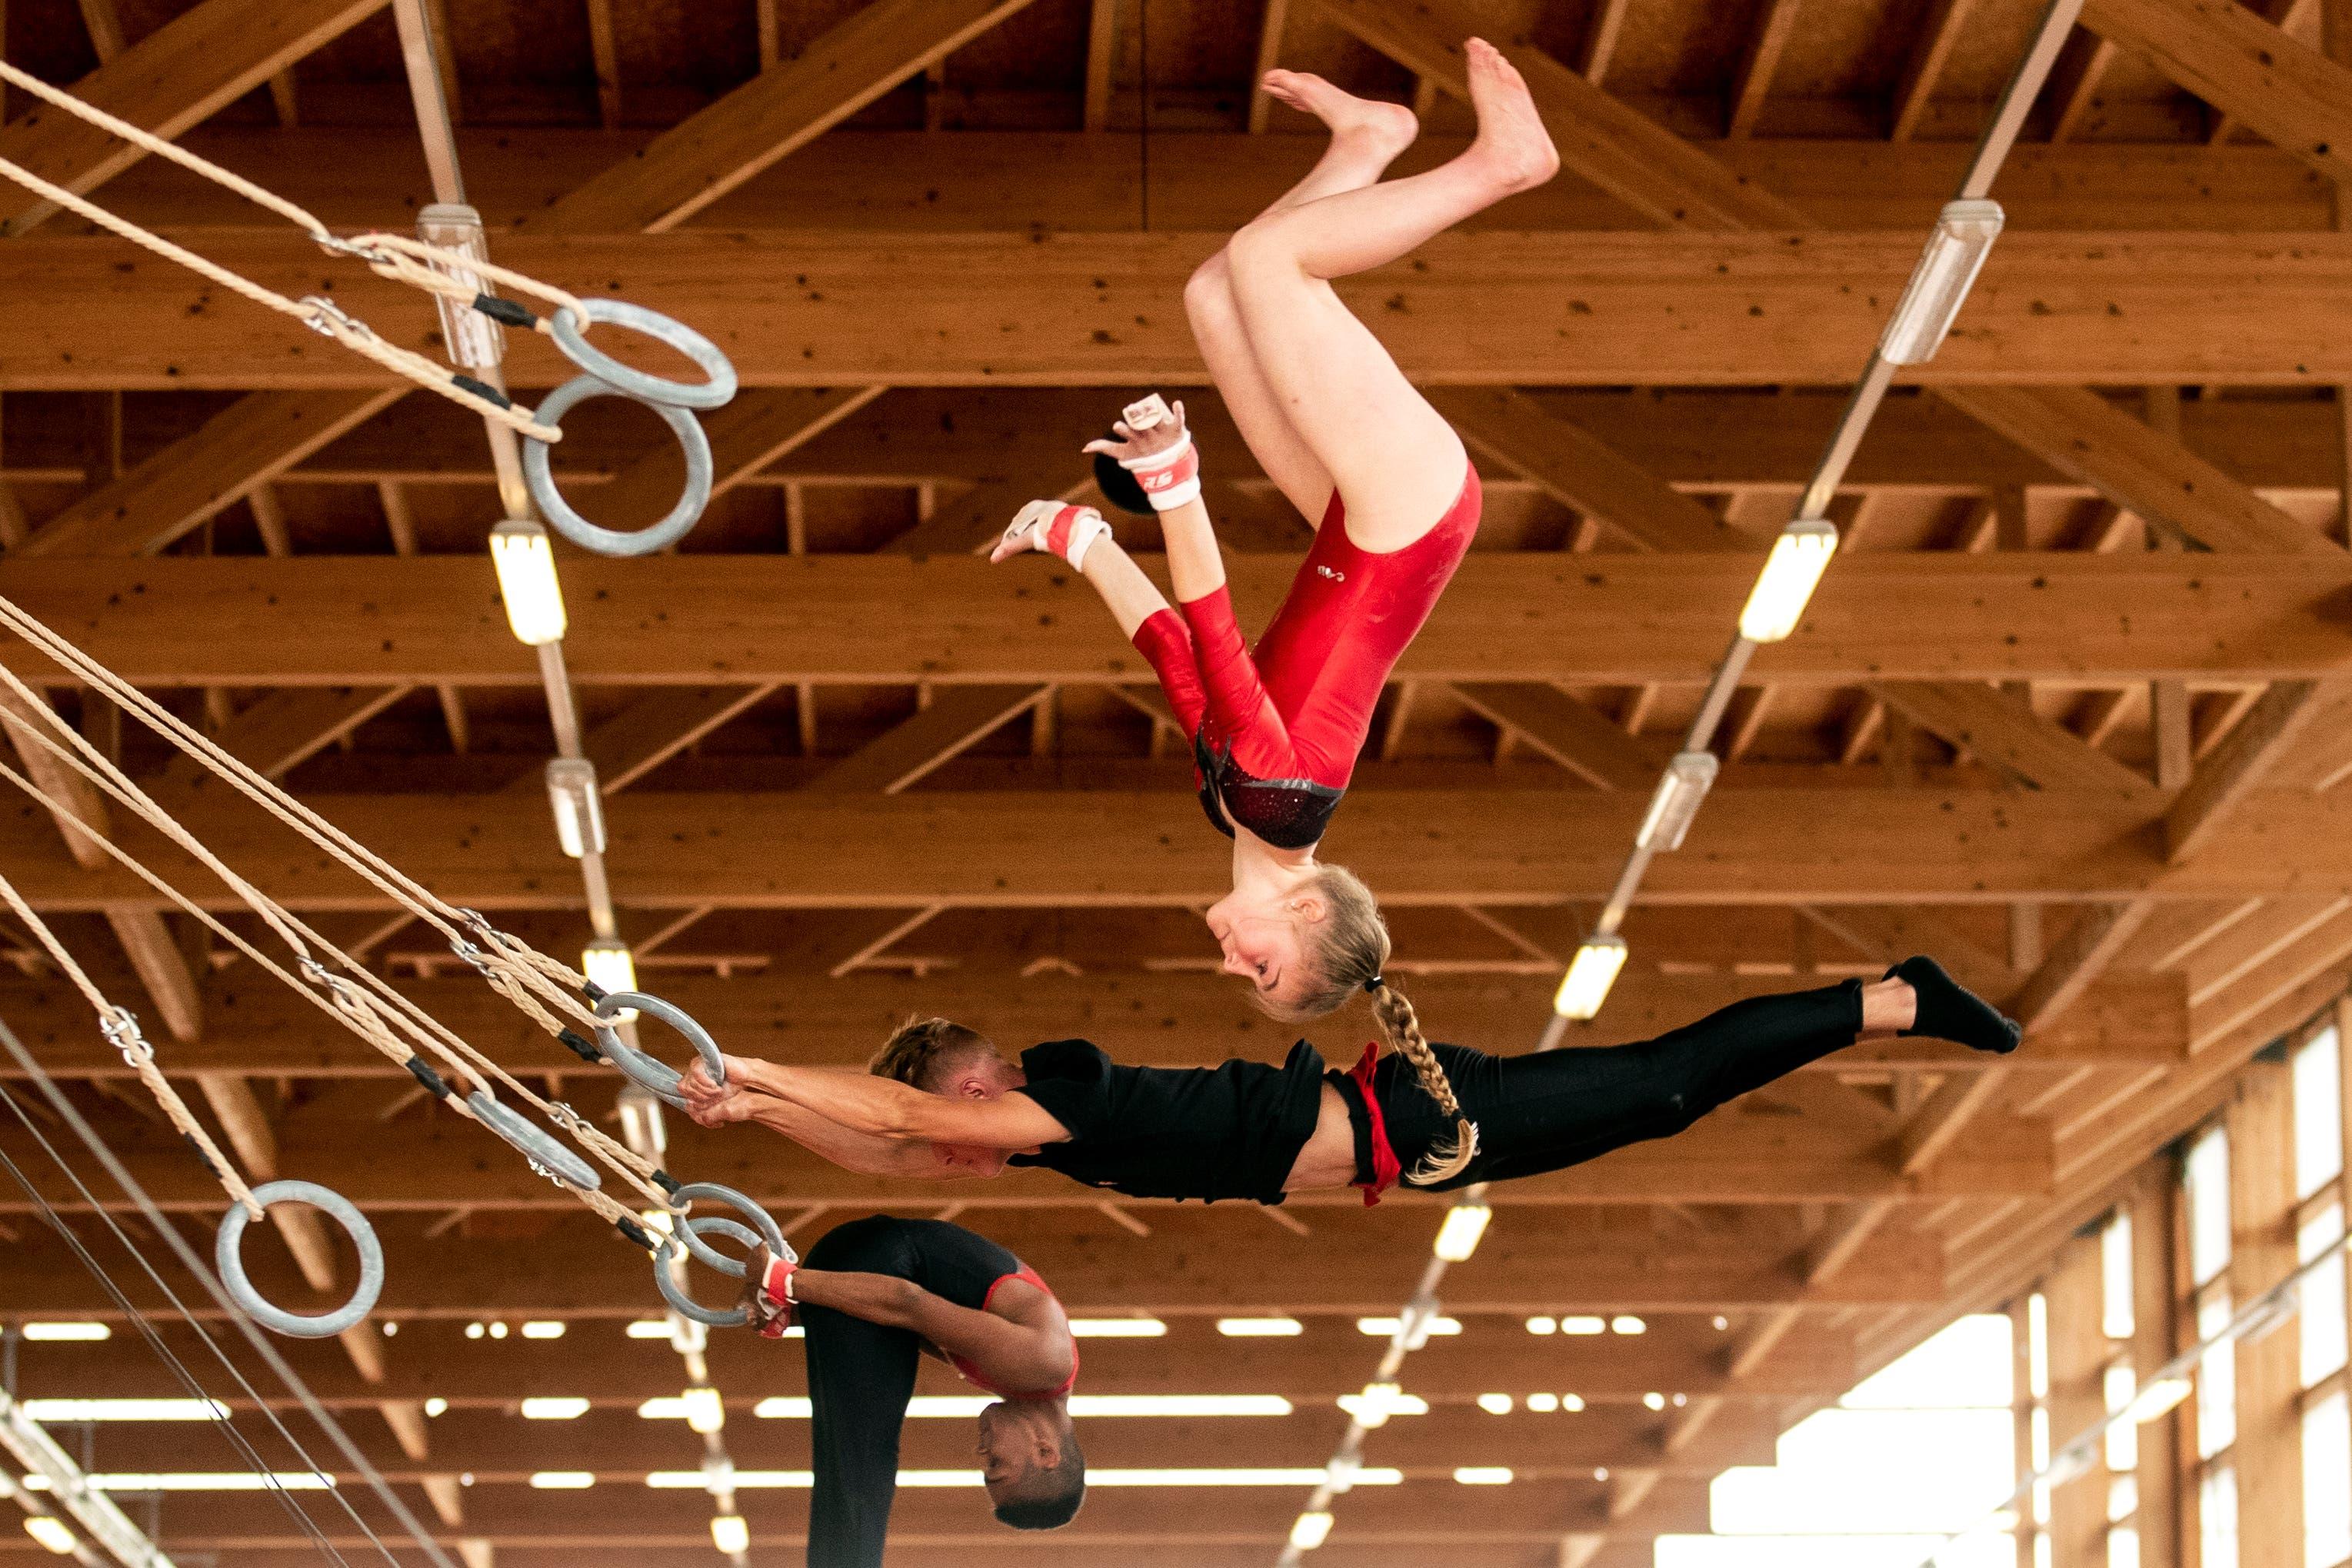 Auch an den Ringen werden akrobatische Turneinlagen vorgeführt. (Bild: Alexandra Wey/Keystone, Aarau, 20. Juni 2019)